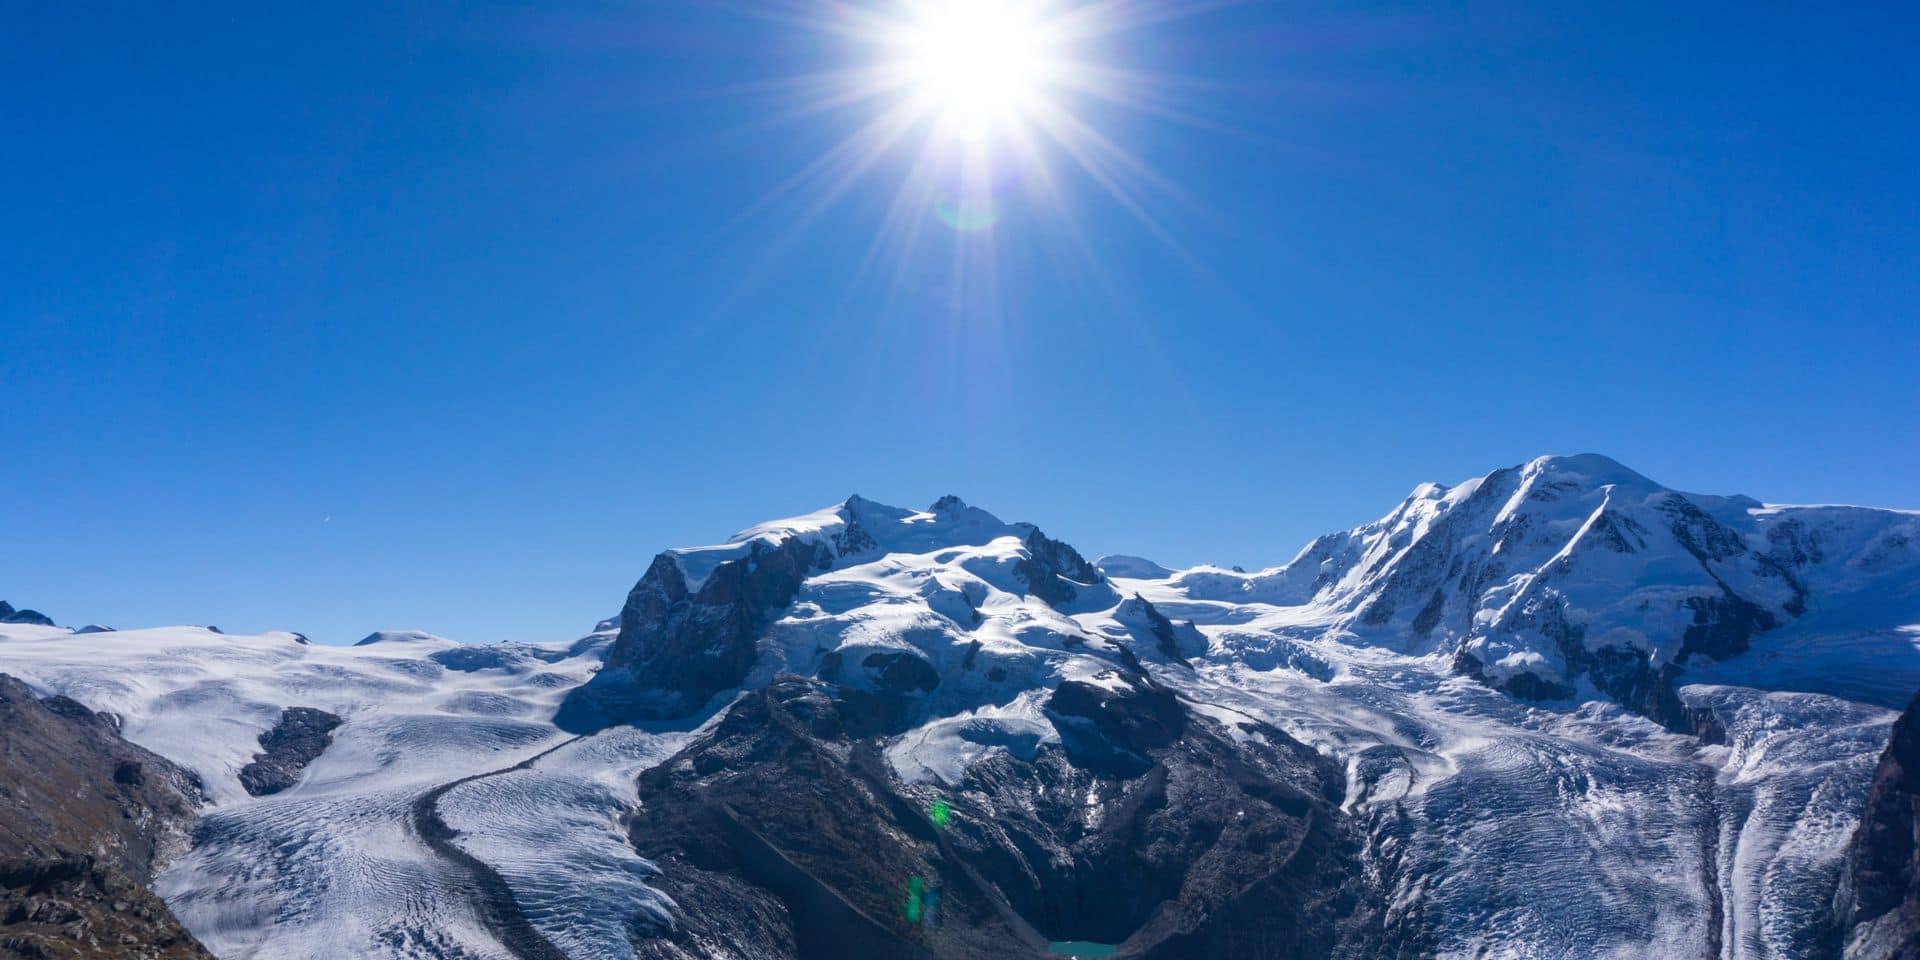 Le trou dans la couche d'ozone désormais plus grand que l'Antarctique